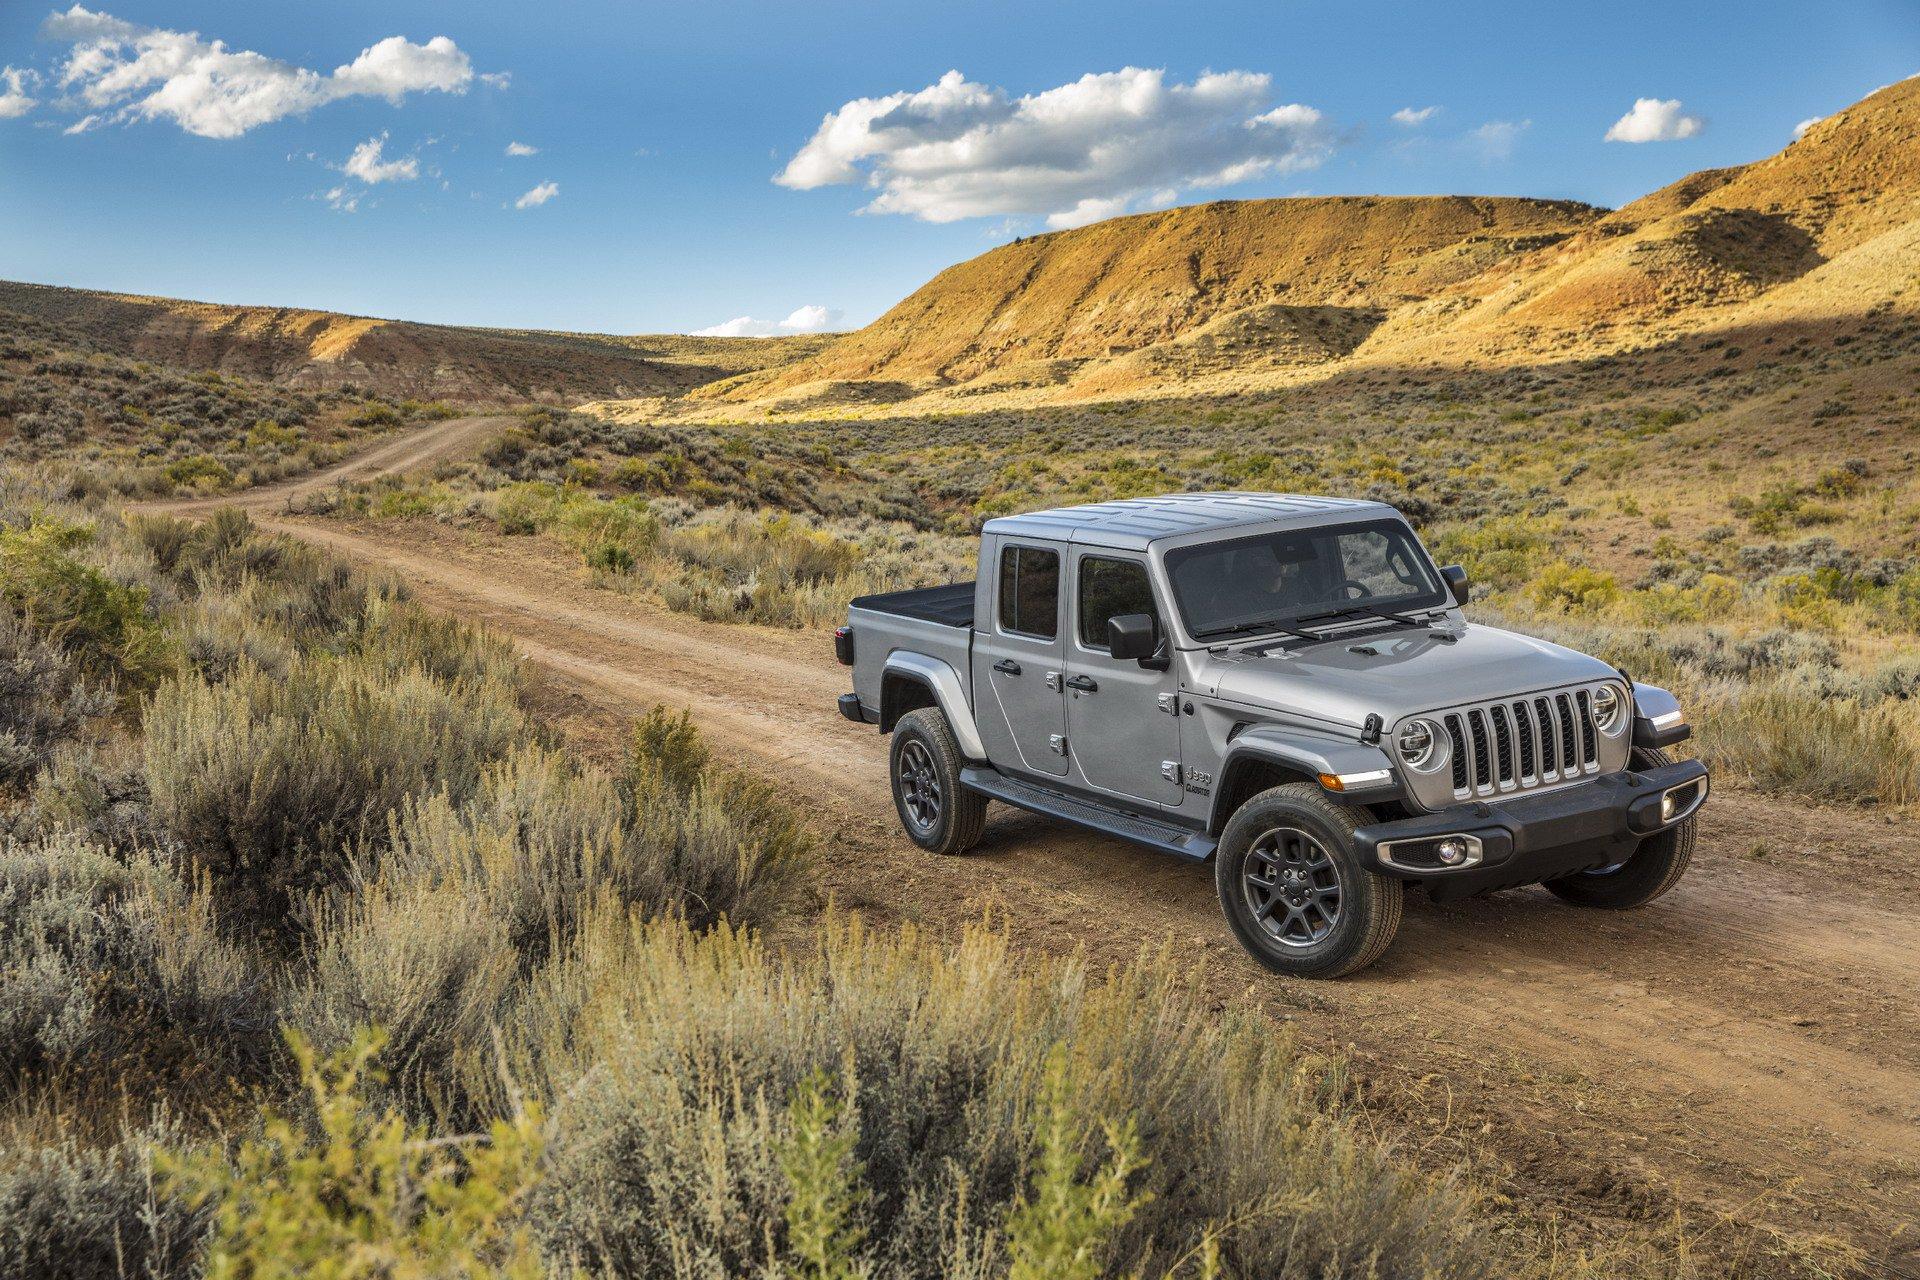 Jeep Gladiator 2019 (137)